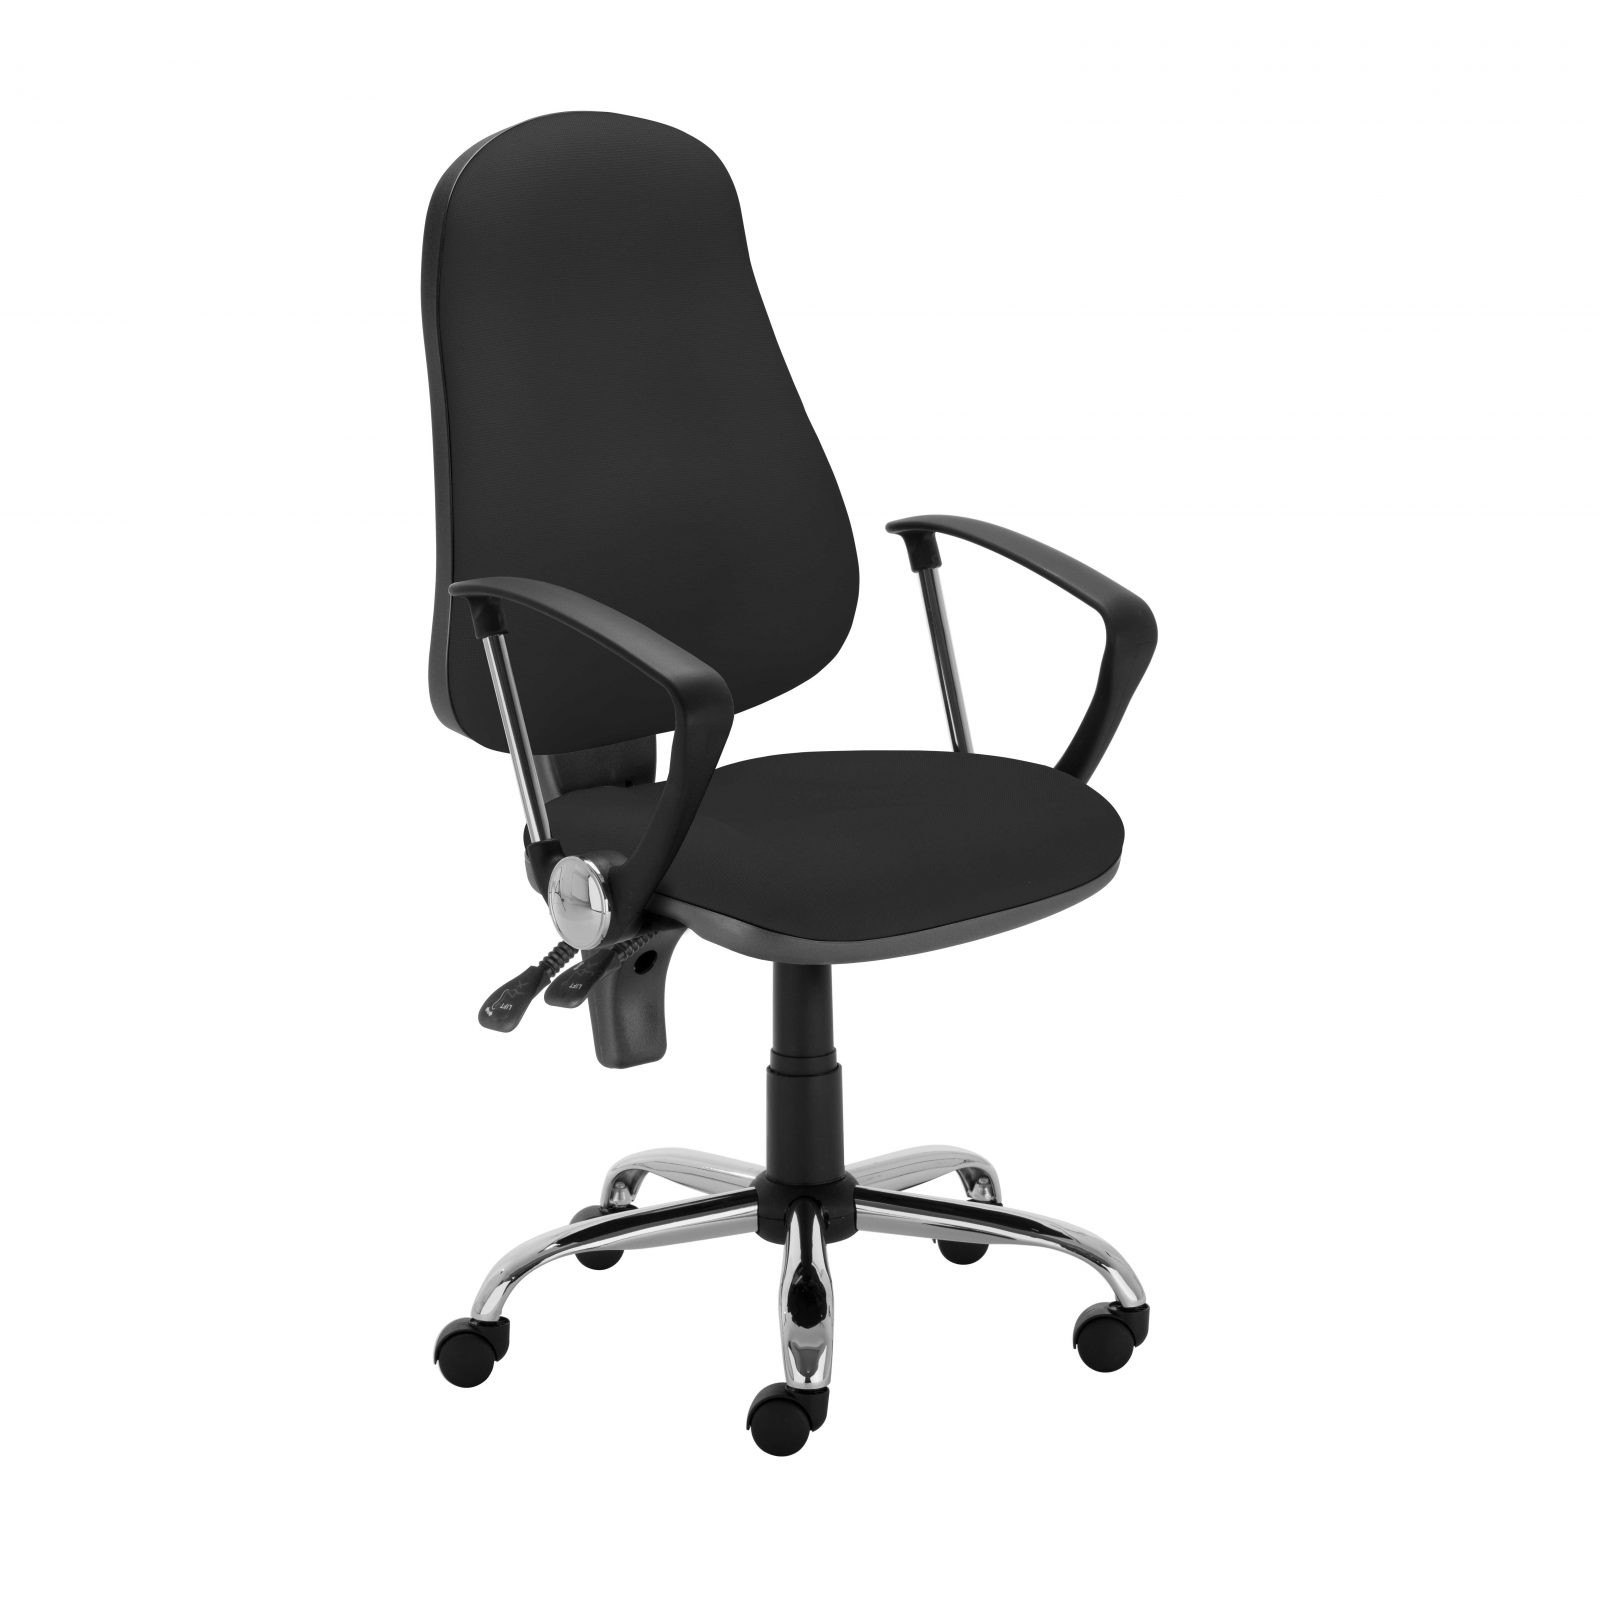 Работен стол - Punkt Steel - черен